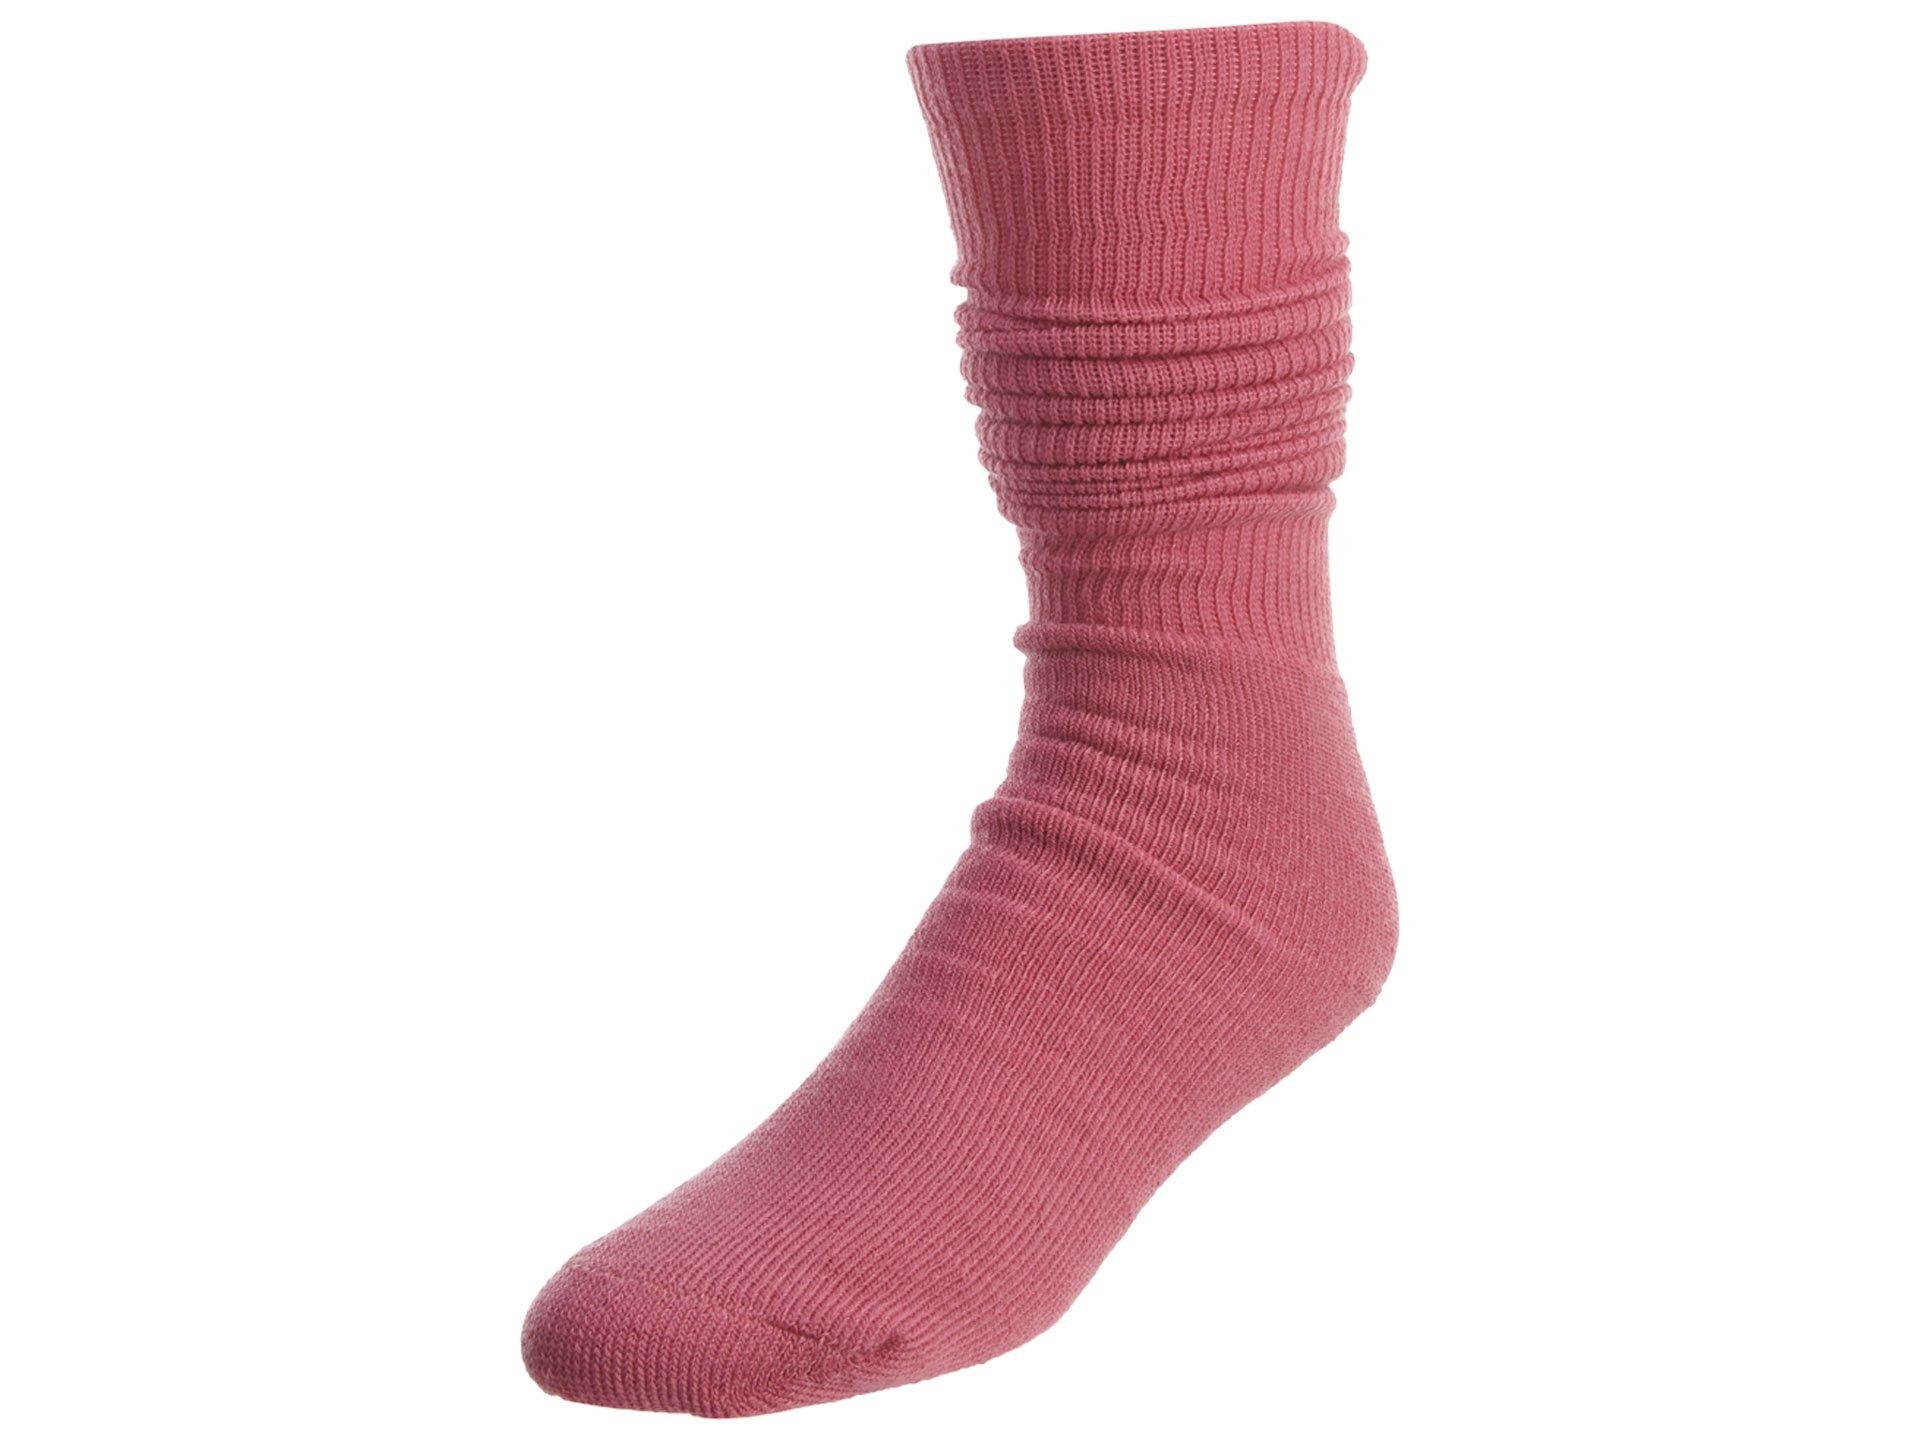 Wear The Pear All Sport Socks Big Kids Style: ASPKIN-PINK Size: OS by Wear The Pear